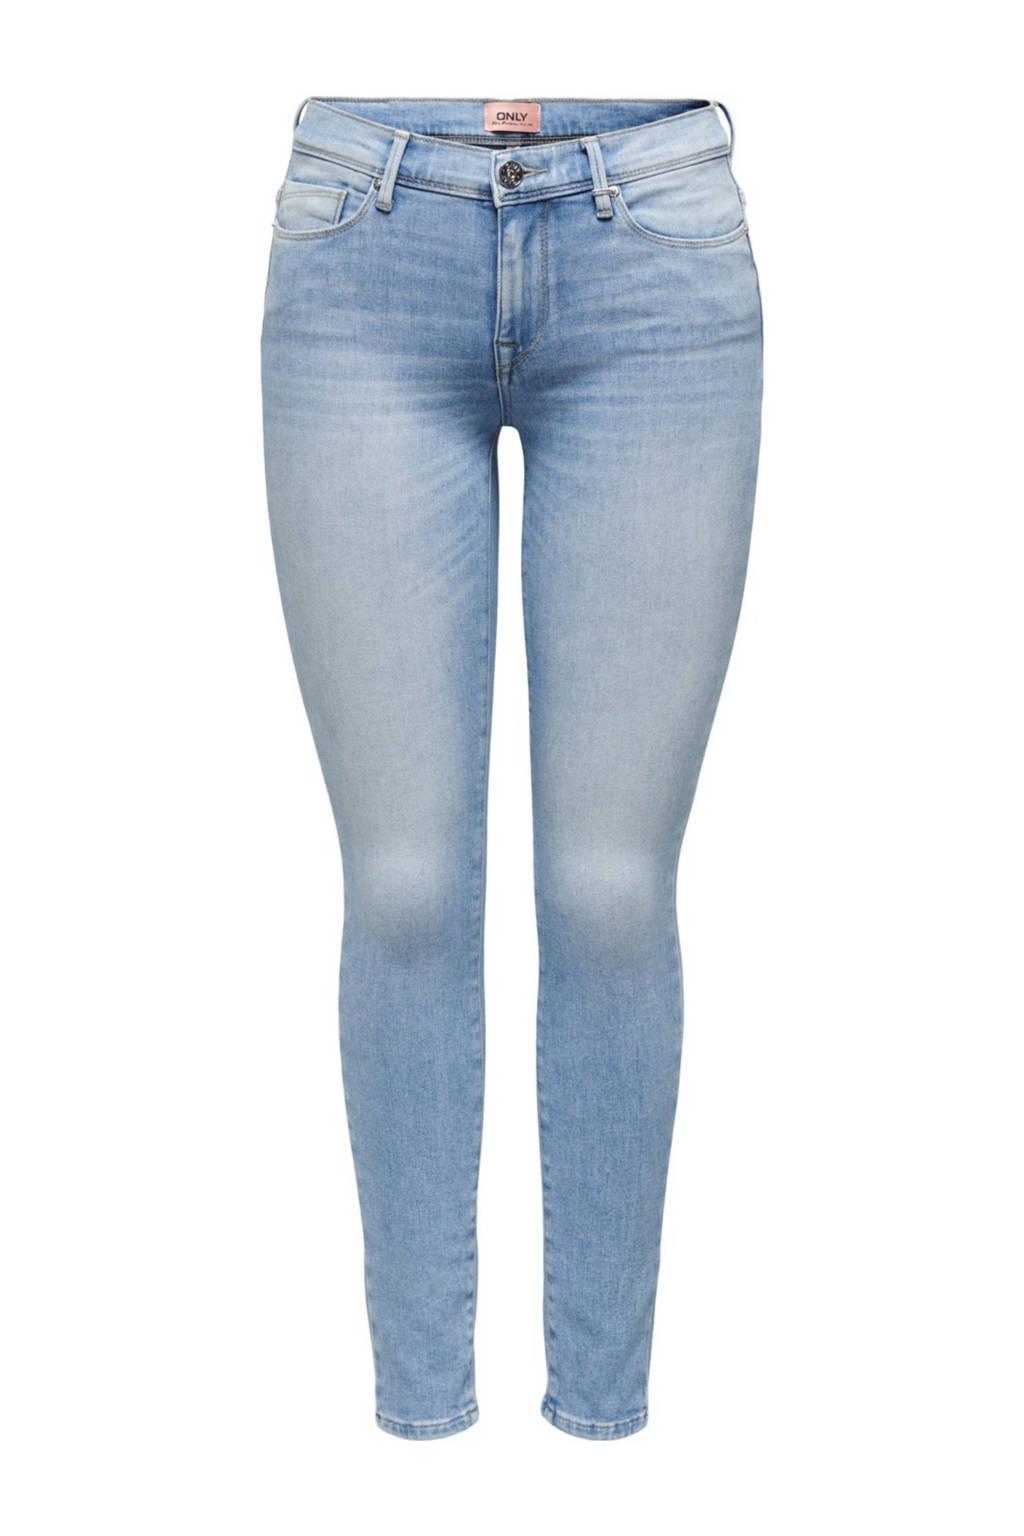 ONLY skinny jeans ONLSHAPE light blue denim, Light blue denim